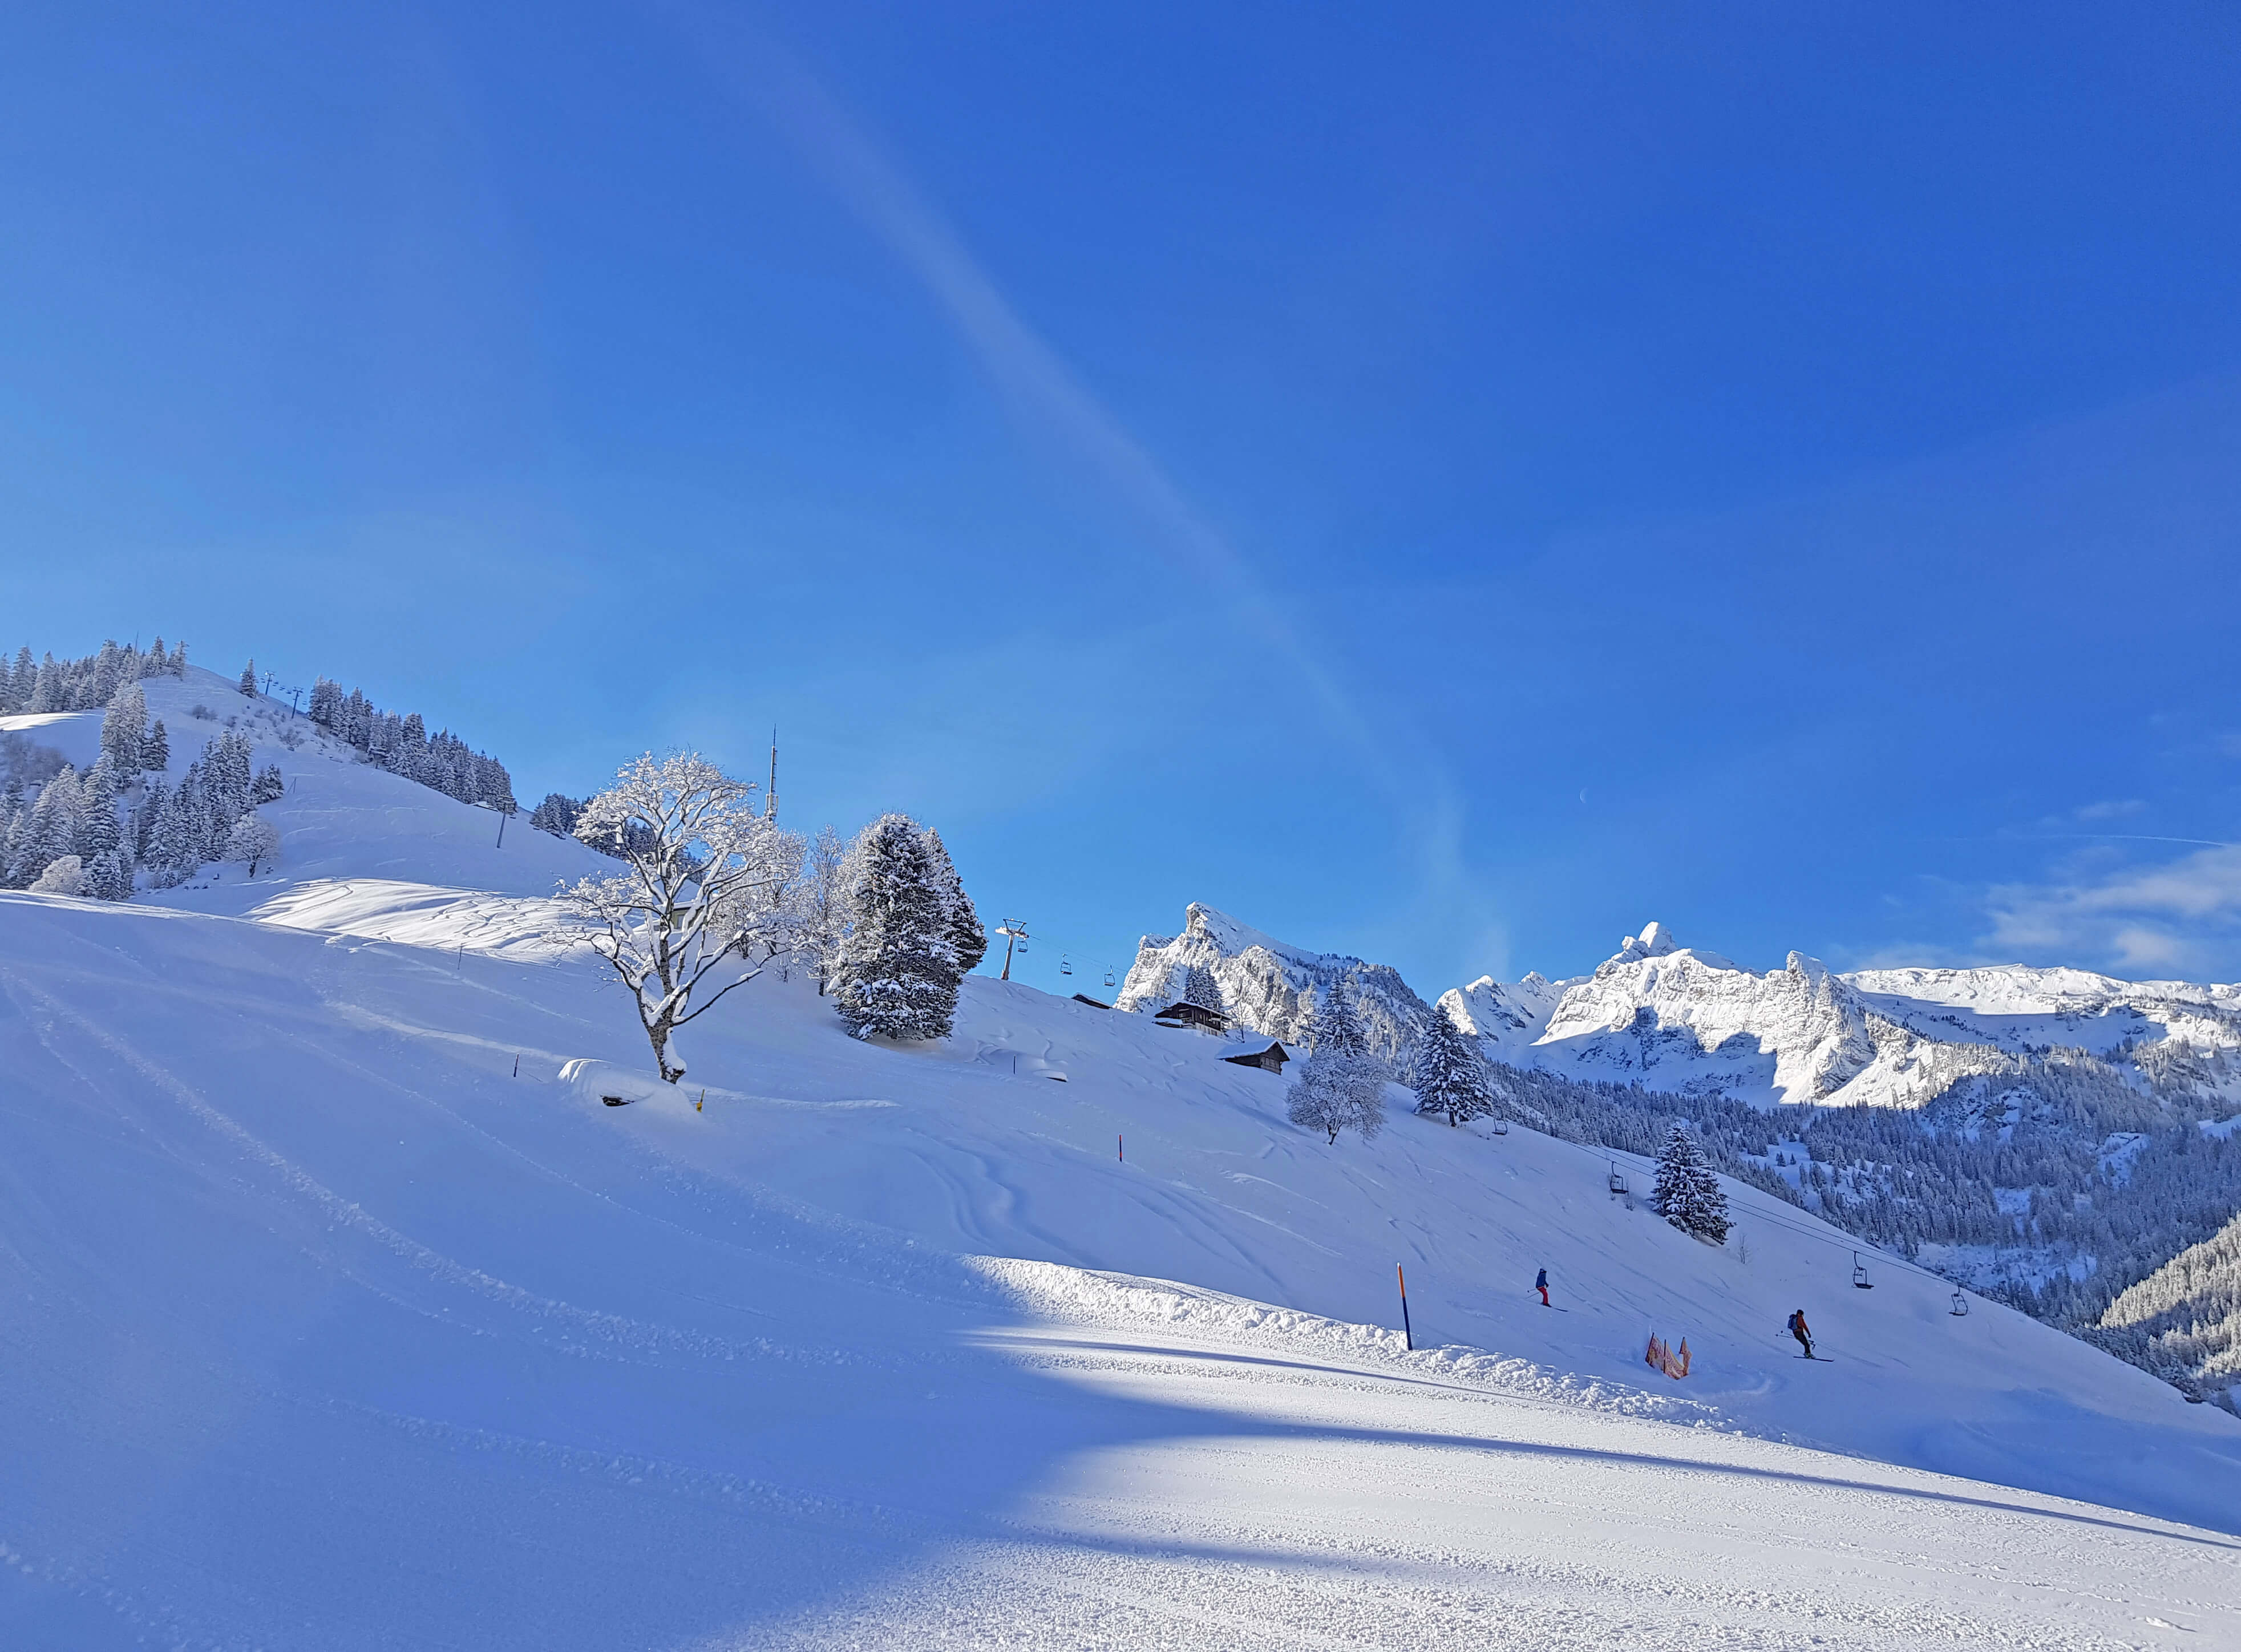 Die Sesselbahn ins Skigebiet vor verschneiter Bergwelt